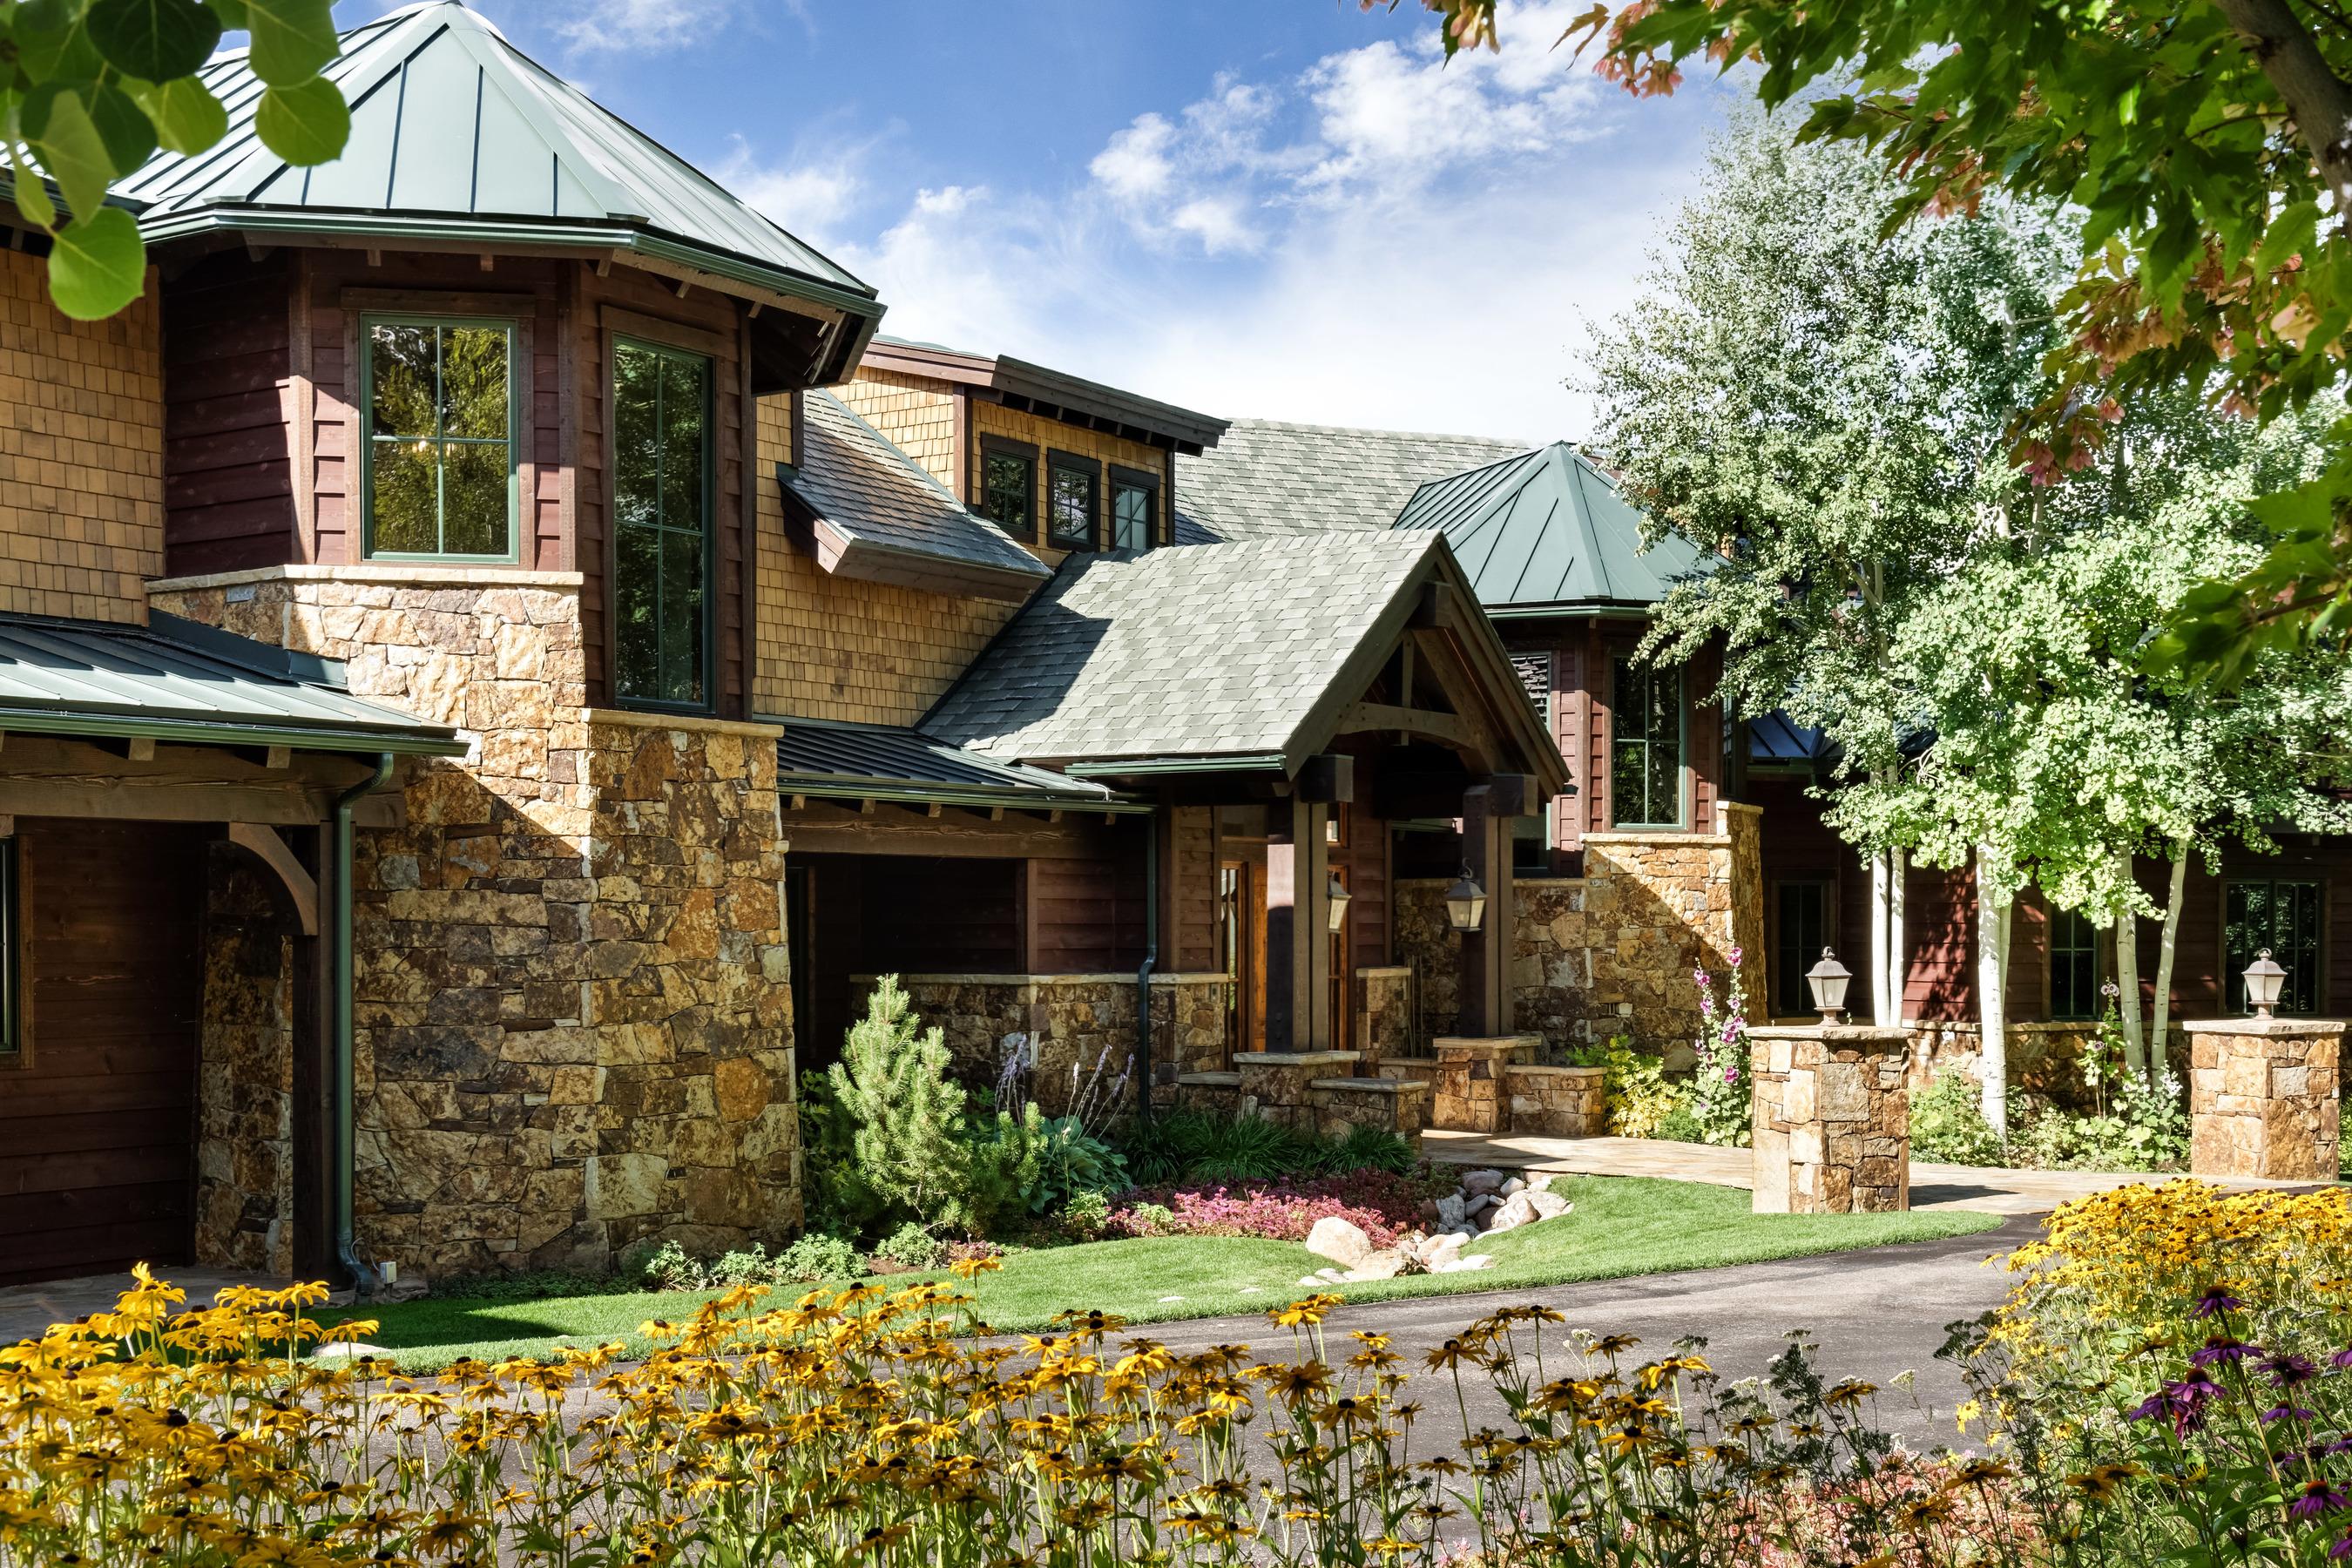 Частный односемейный дом для того Продажа на Magnificent Panorama in McLain Flats 2016 McLain Flats Road Aspen, Колорадо, 81611 Соединенные Штаты